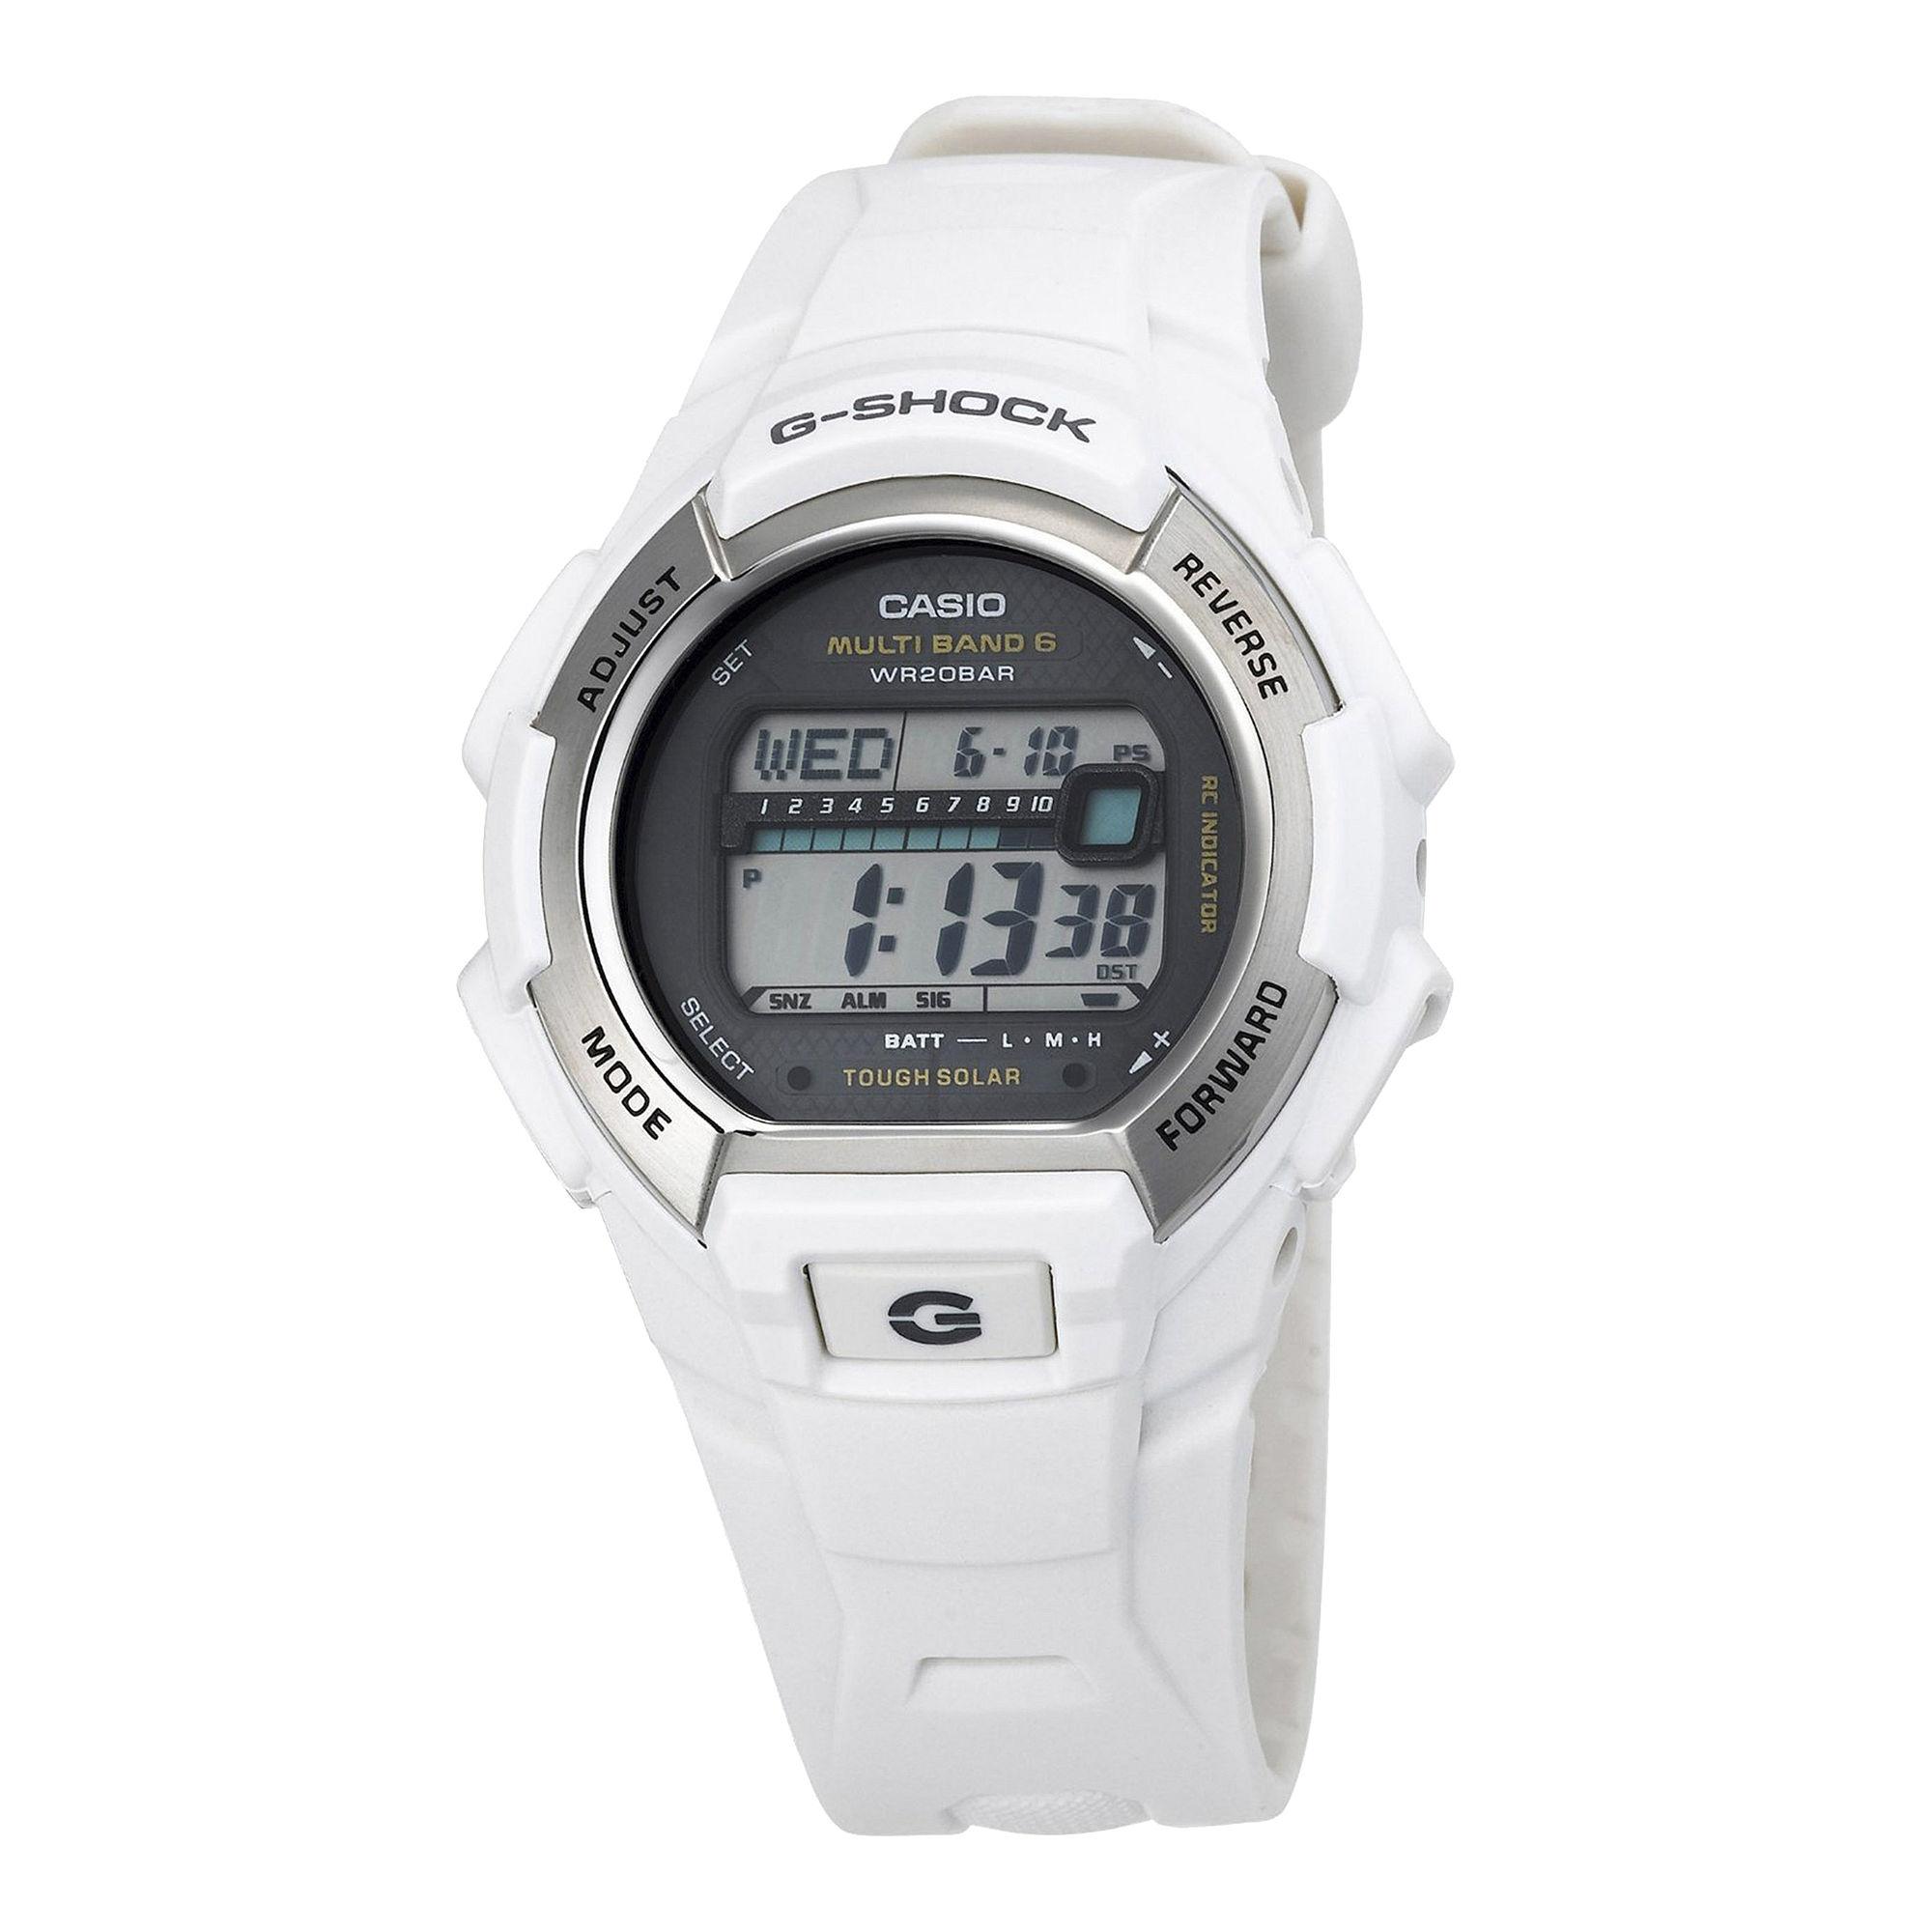 Casio G-Shock Mens Resin Solar Chronograph Watch GW-M850-7CR